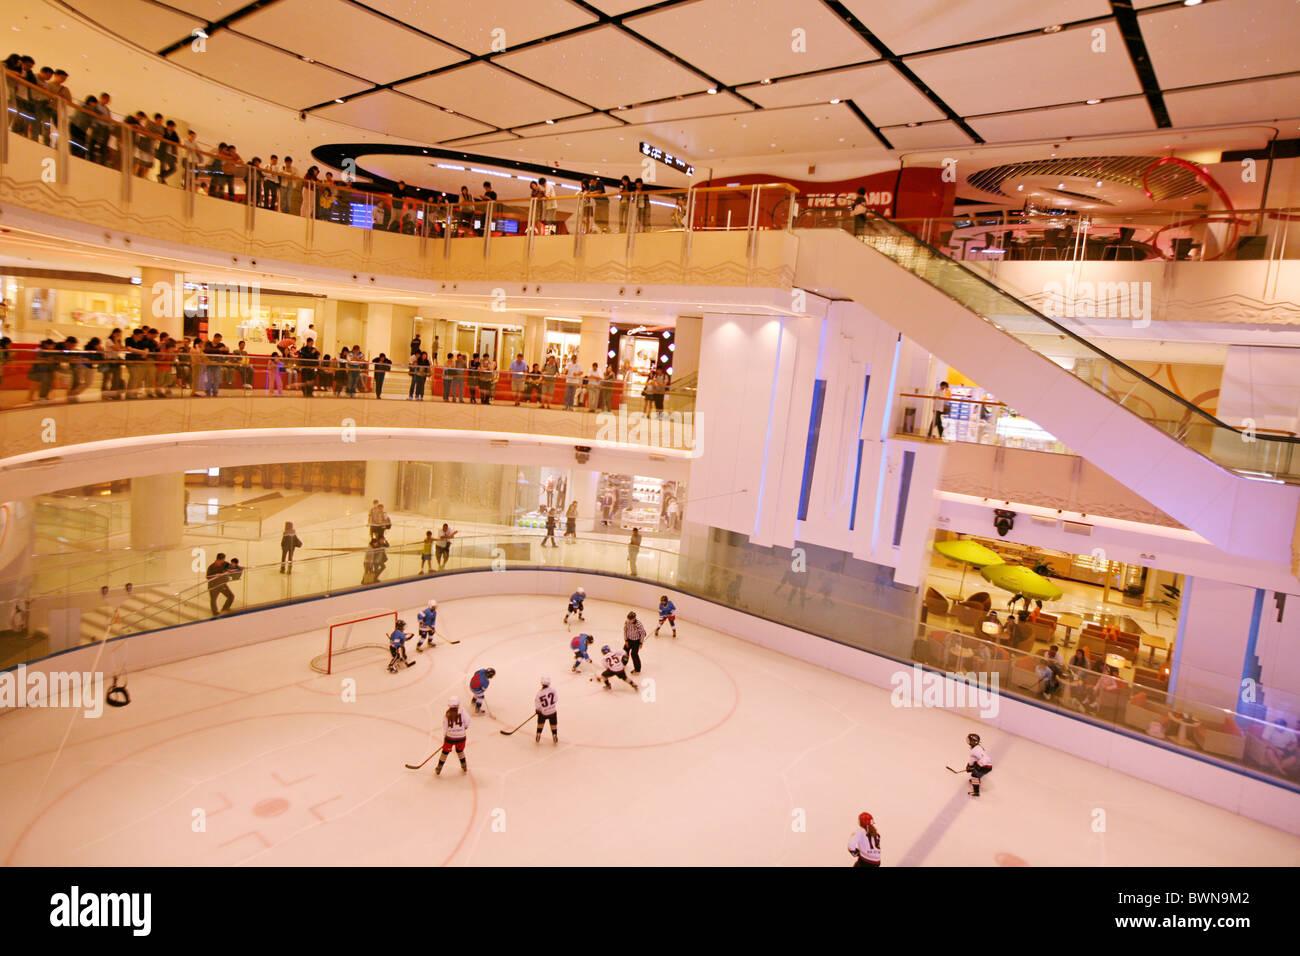 China Asien Hong Kong Kowloon Elemente Einkaufszentrum April 2008 Läden Geschäfte Eislaufen Eishockey Stockbild